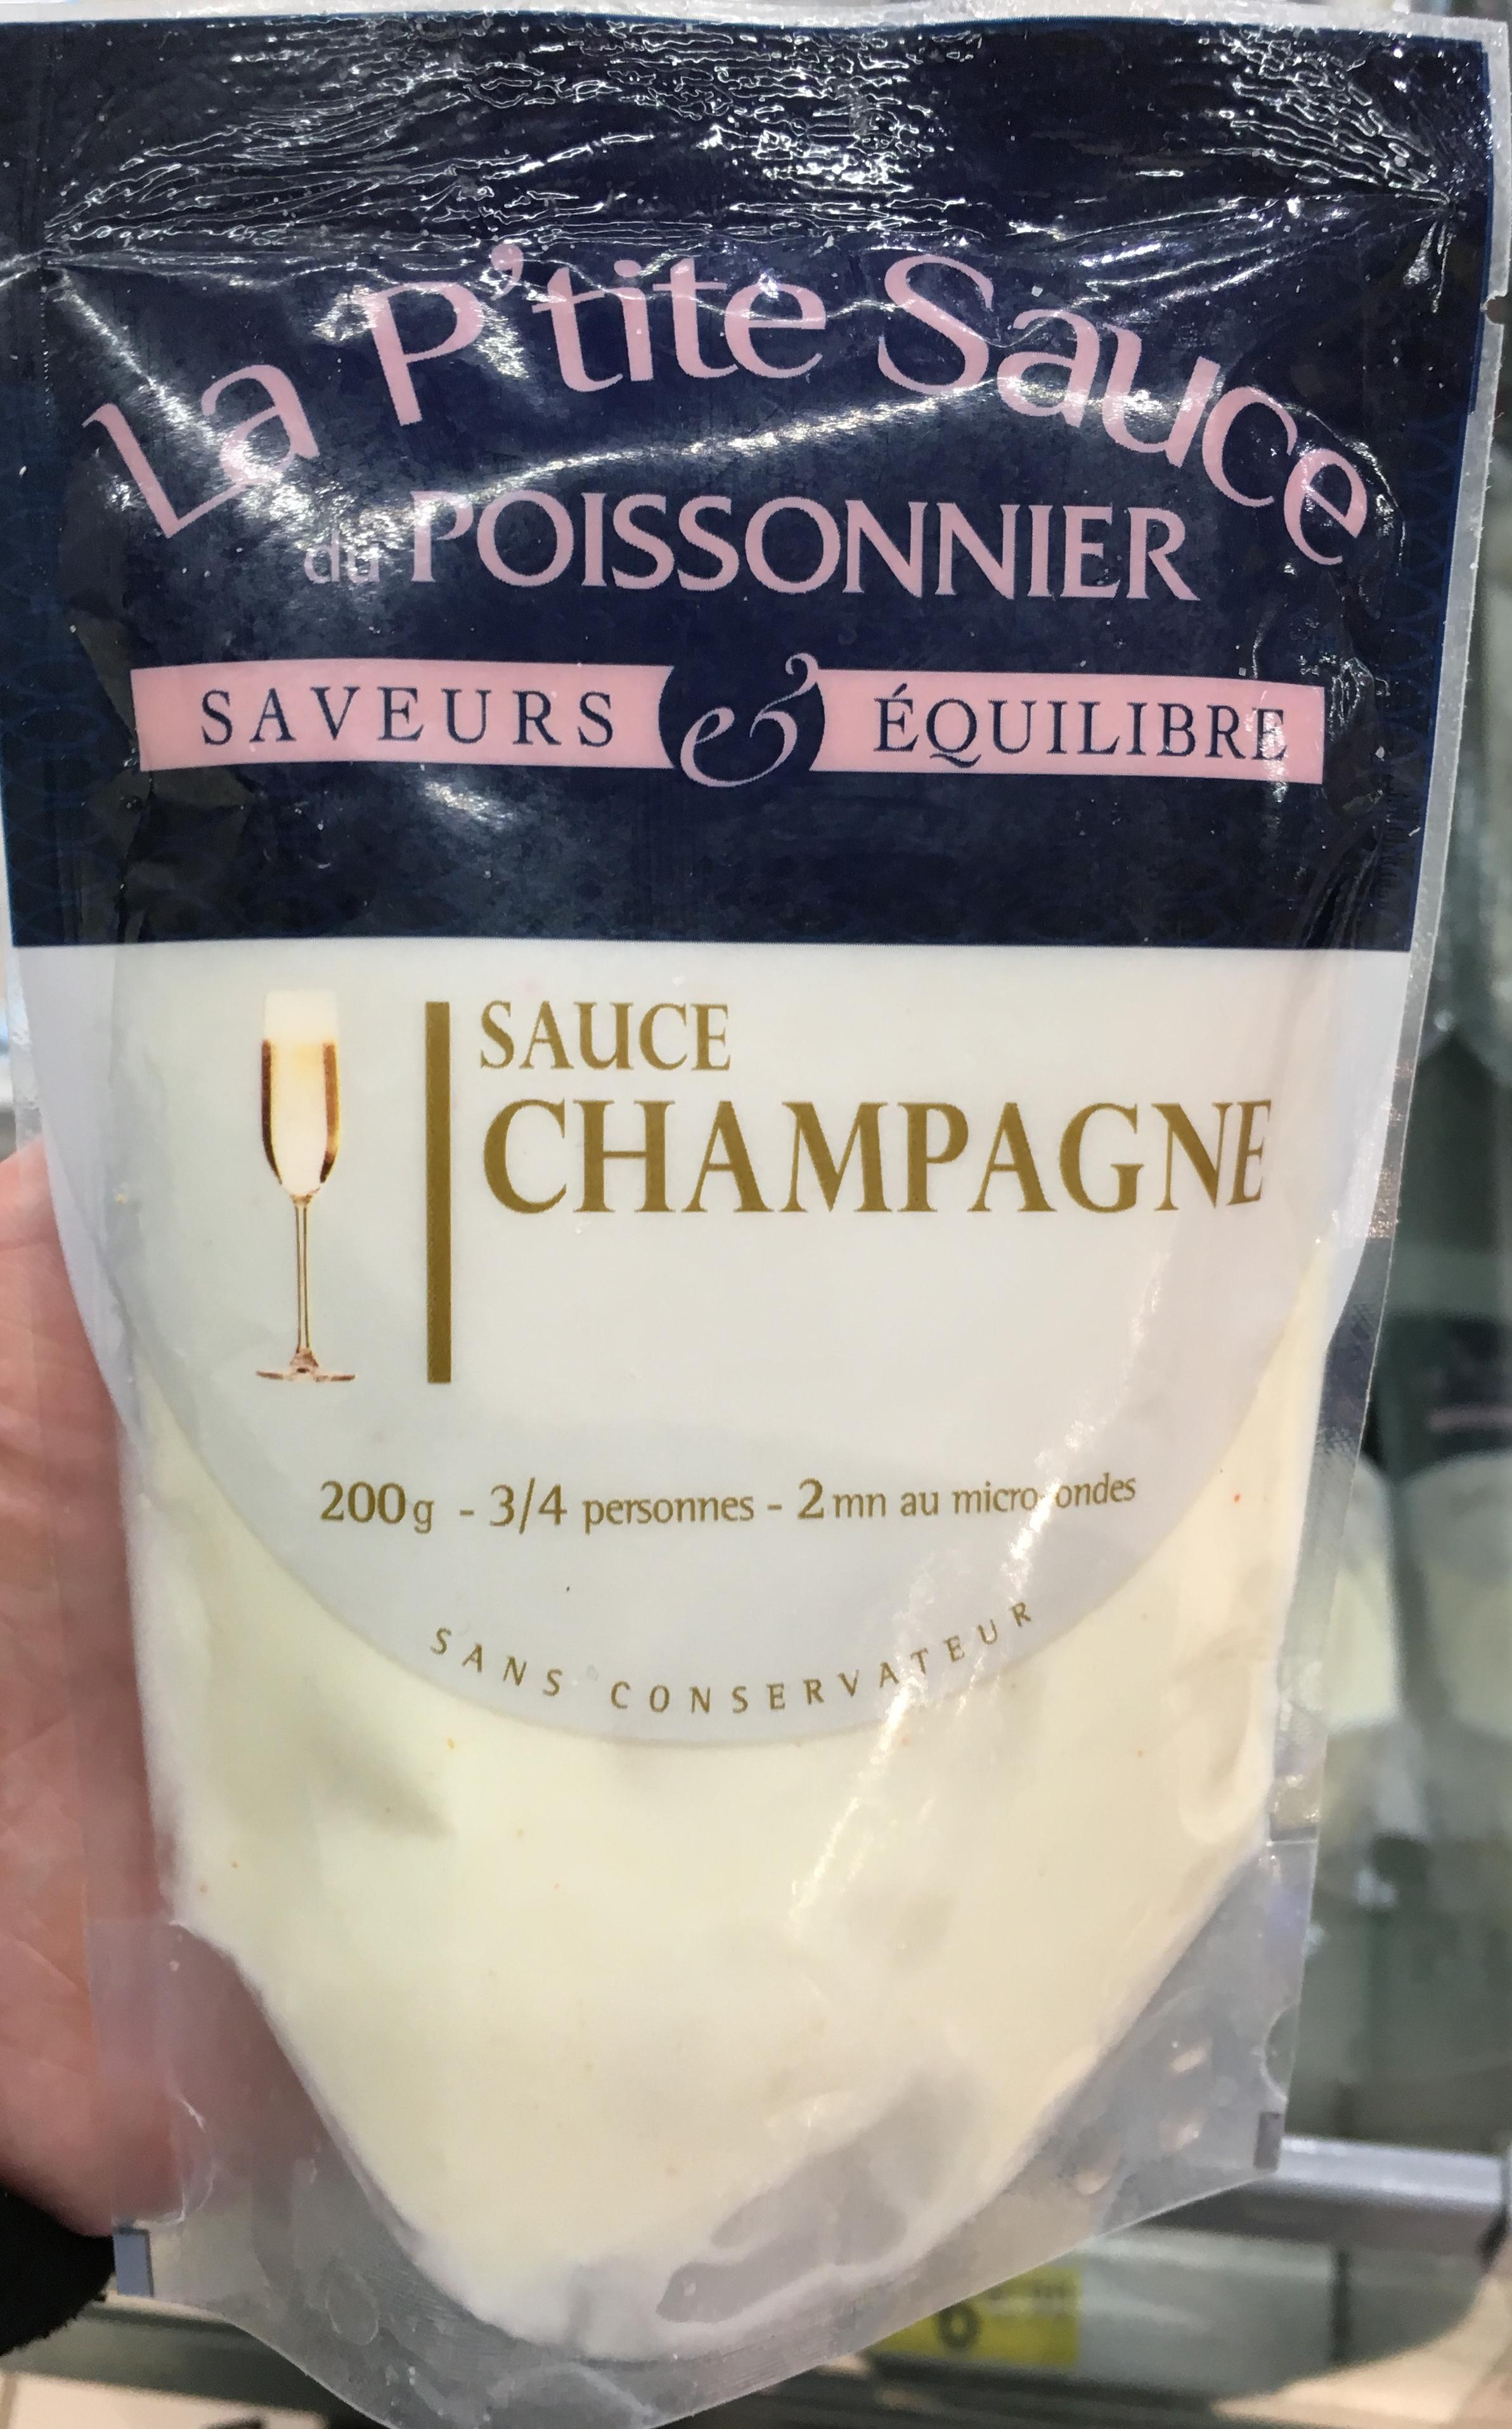 sauce champagne la p 39 tite sauce du poissonnier 200 g. Black Bedroom Furniture Sets. Home Design Ideas